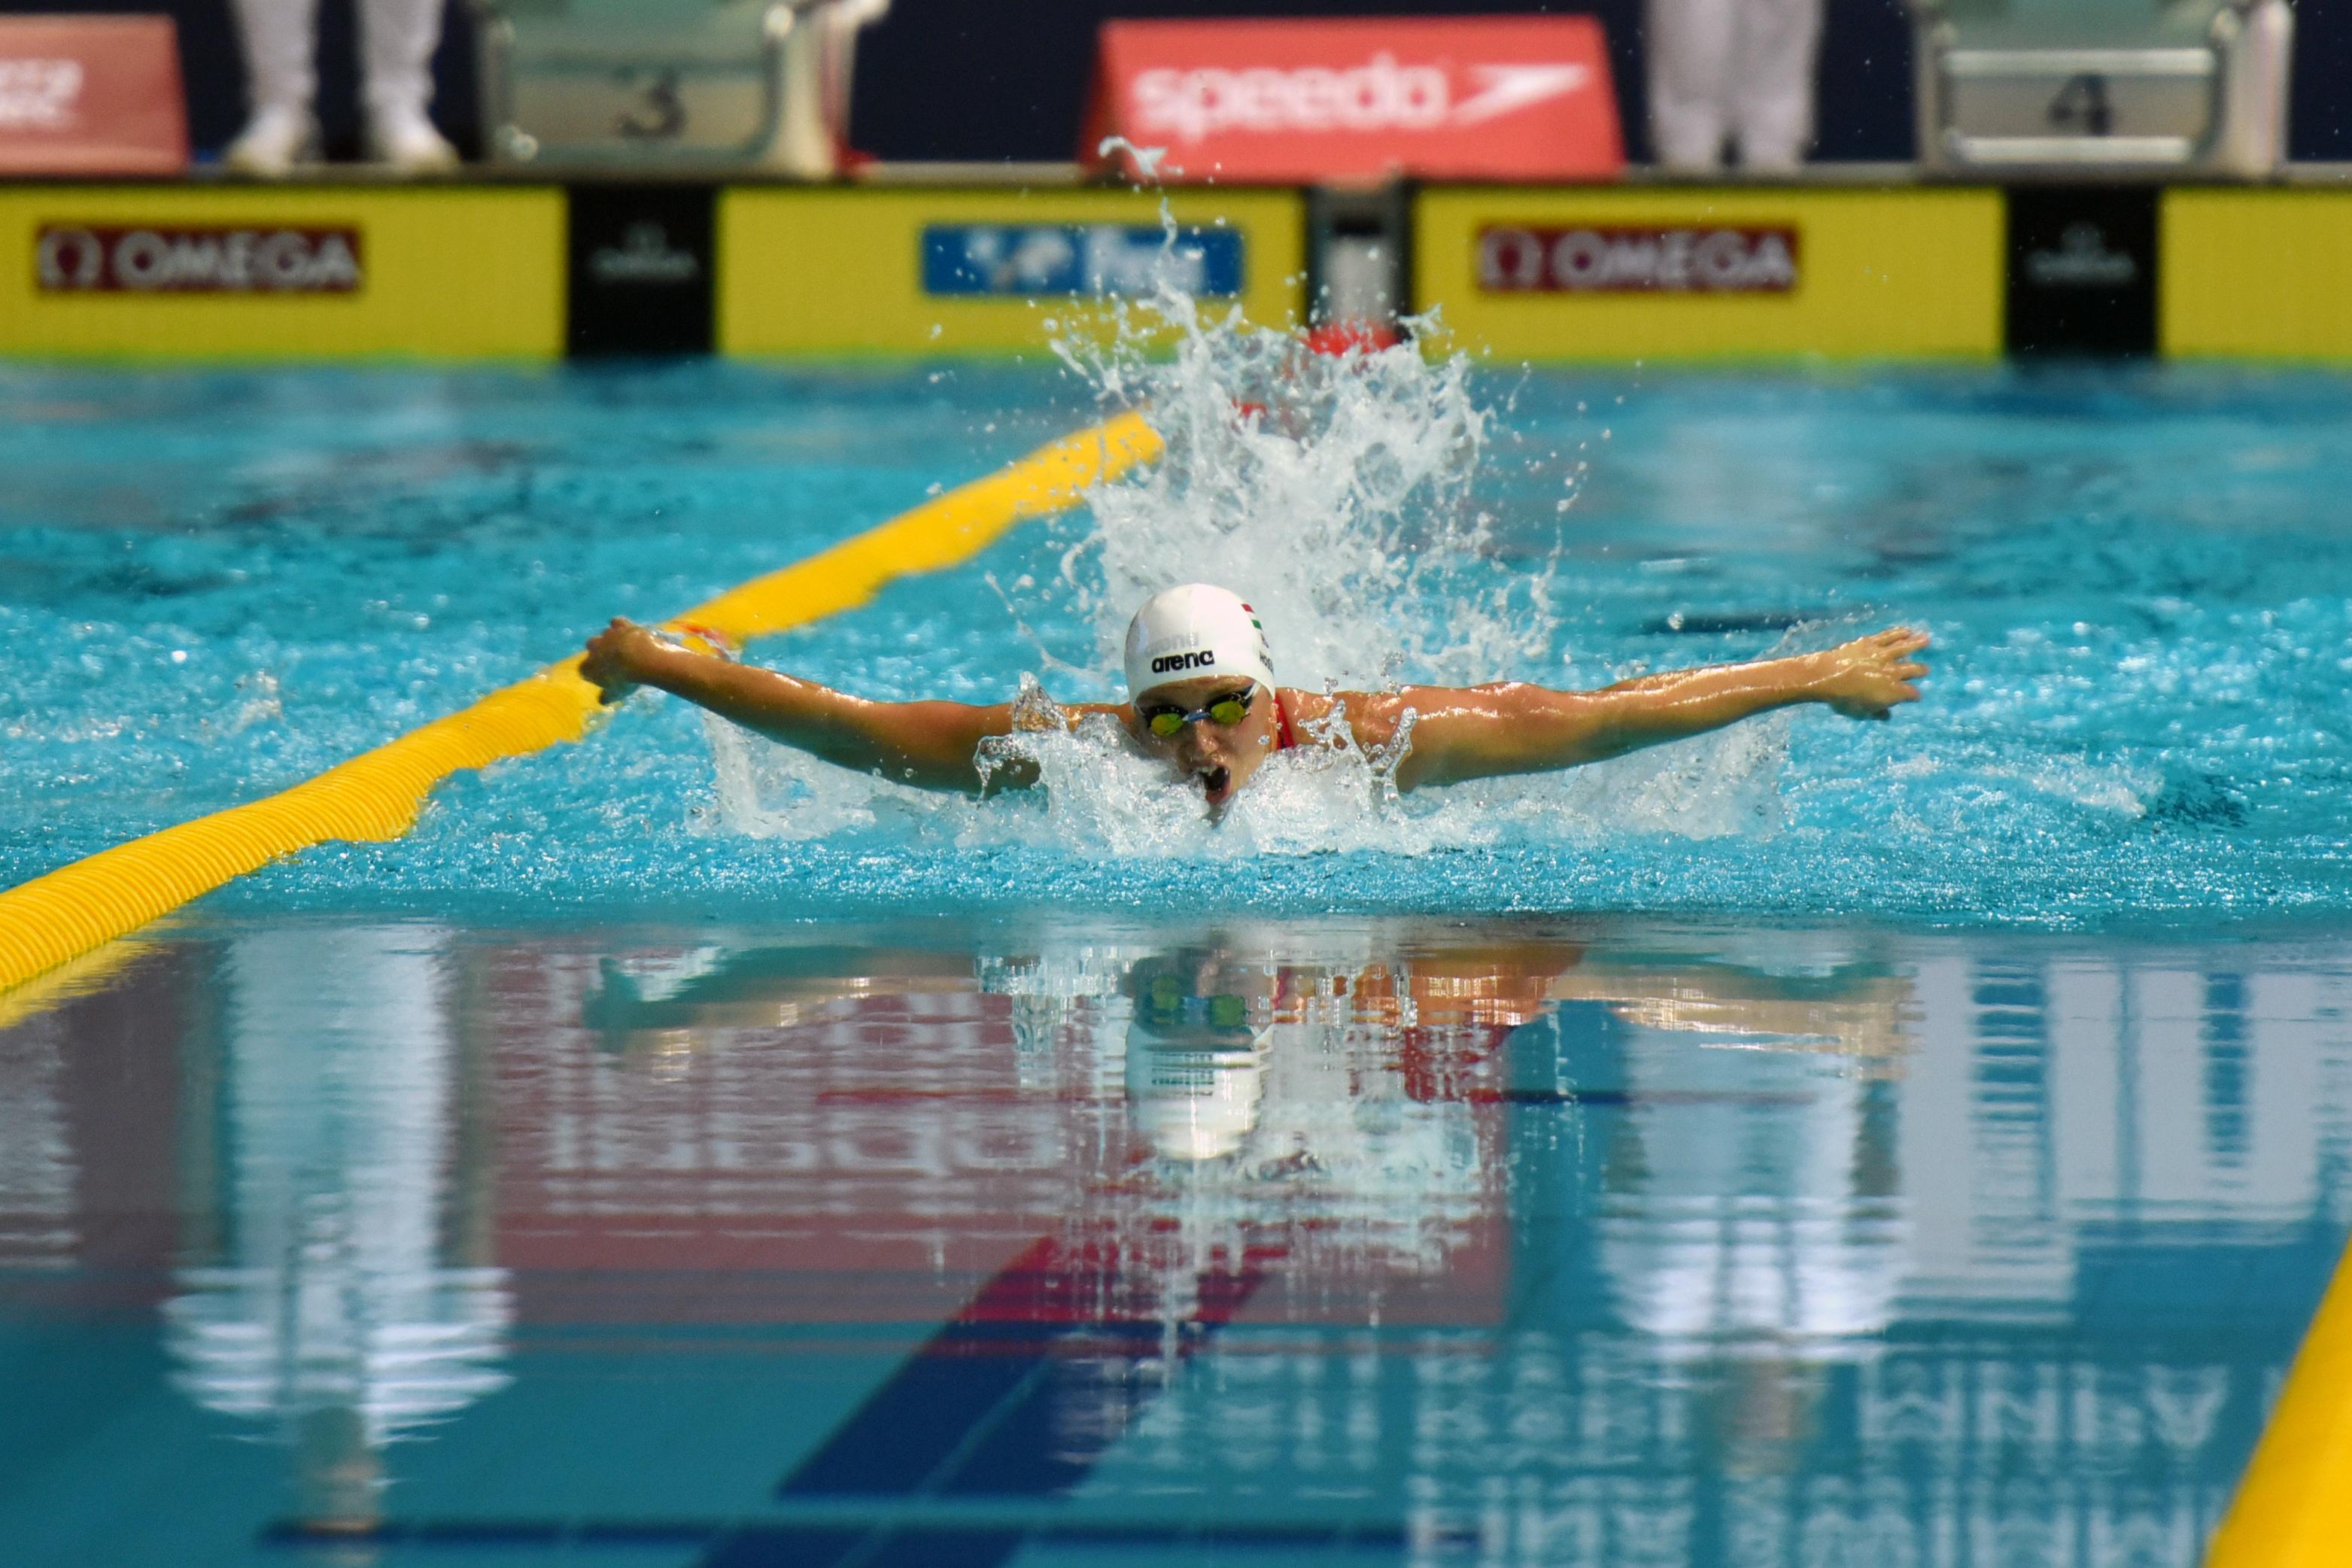 Этап Кубка мира по плаванию в Казани пройдет 28-30 октября